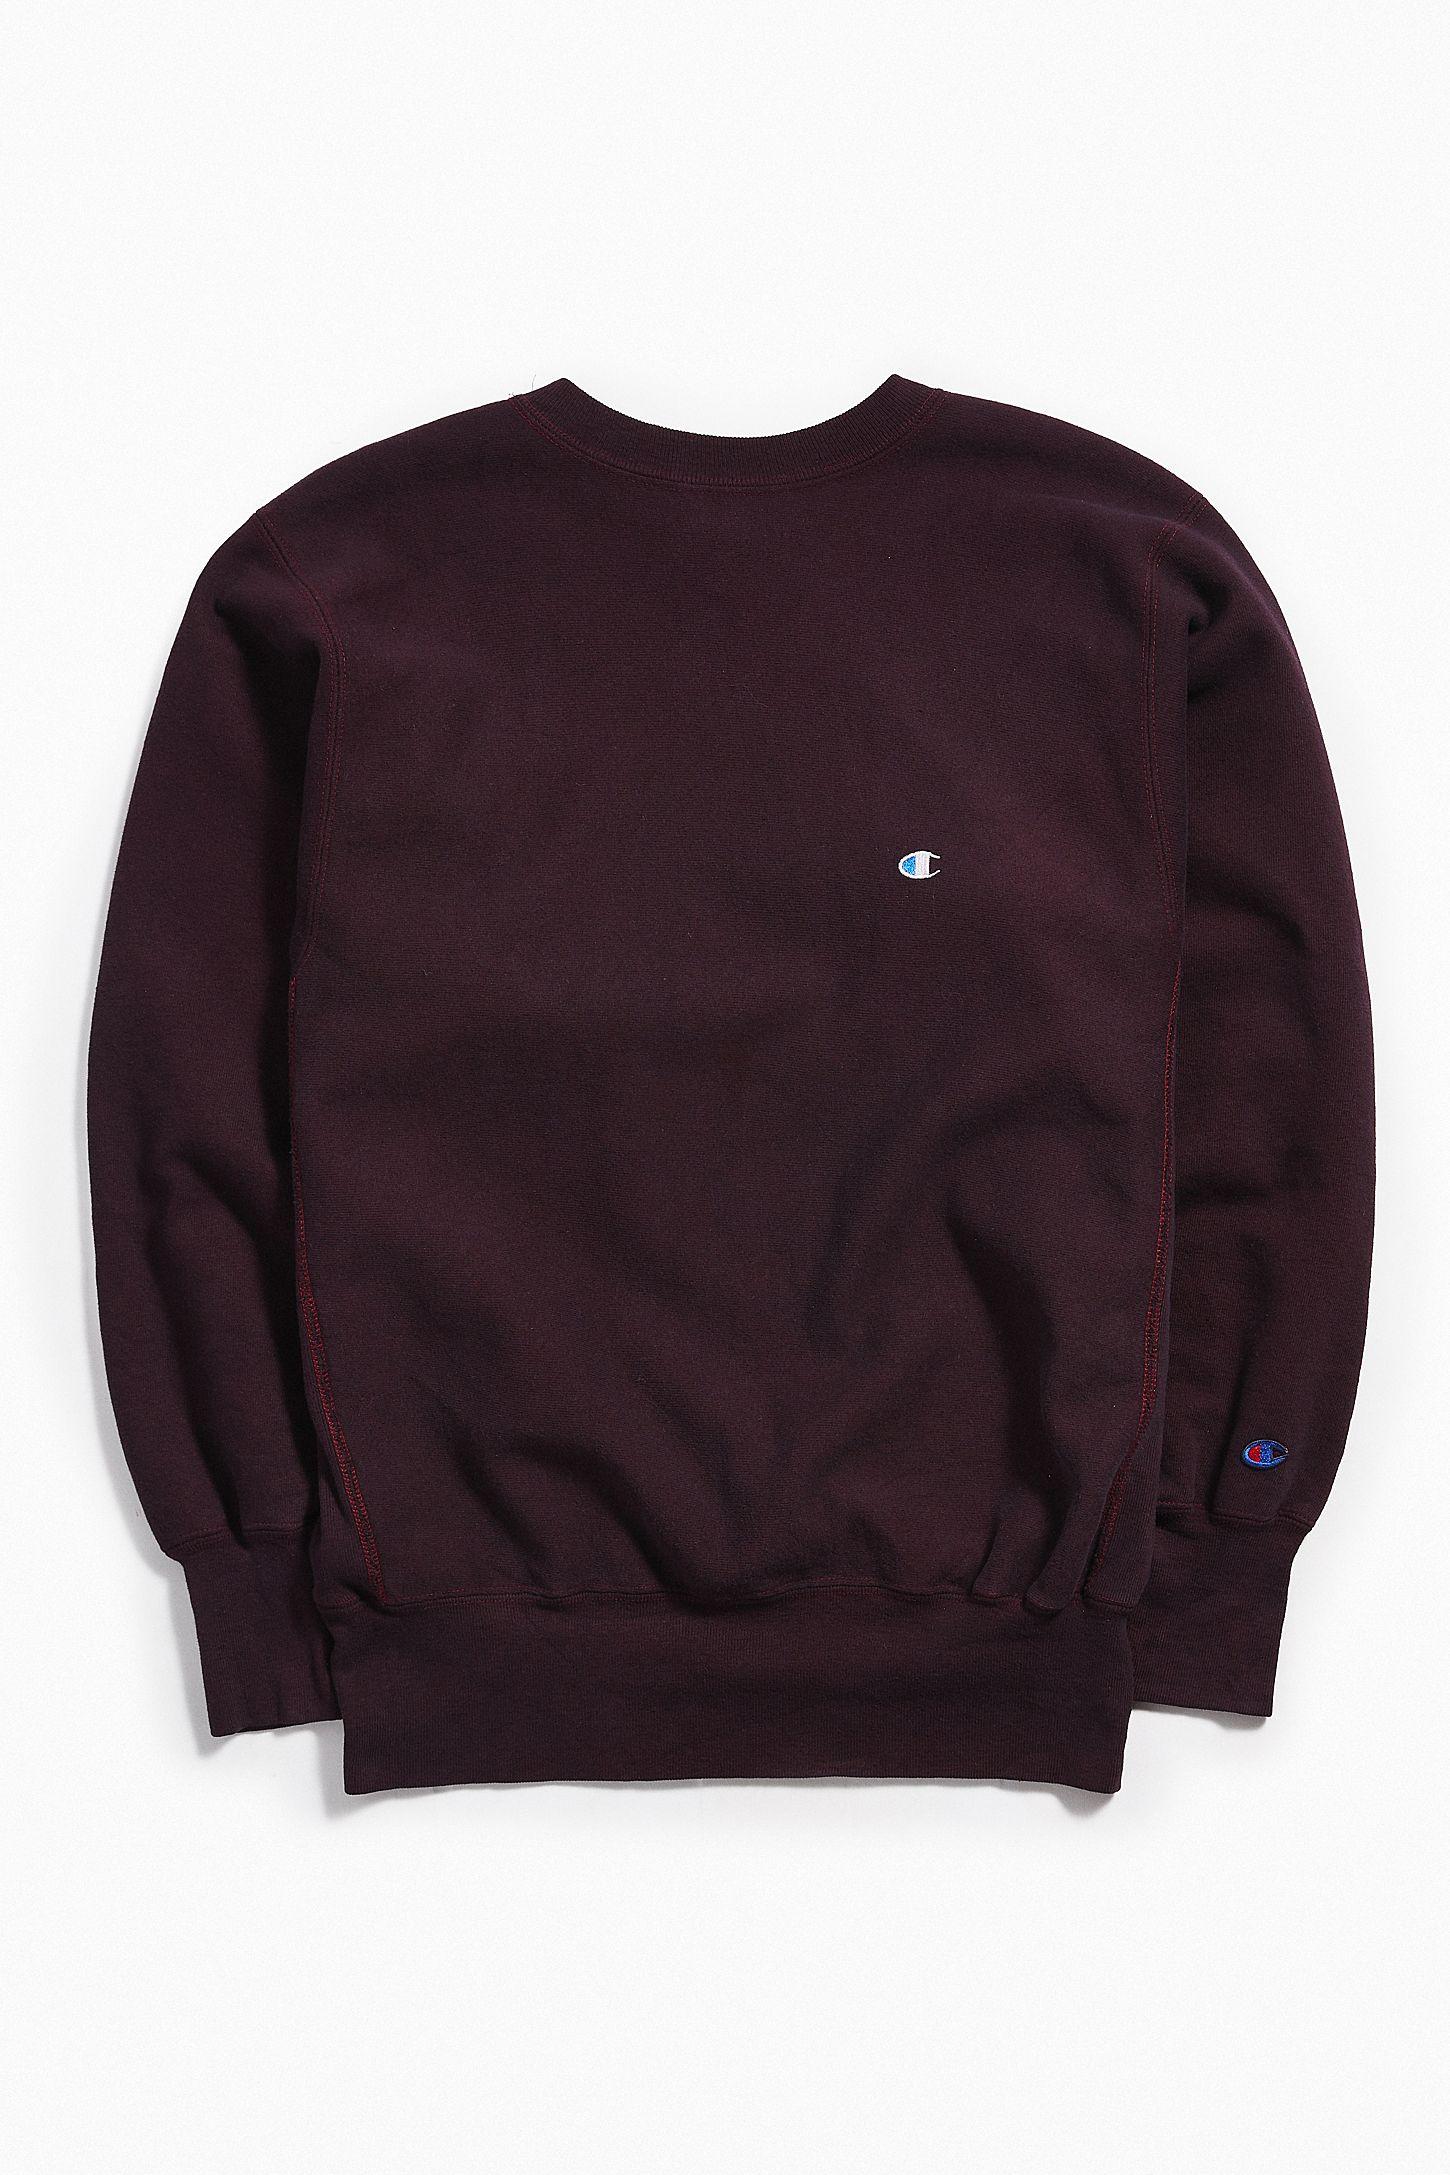 Vintage Champion Burgundy Crew Neck Sweatshirt